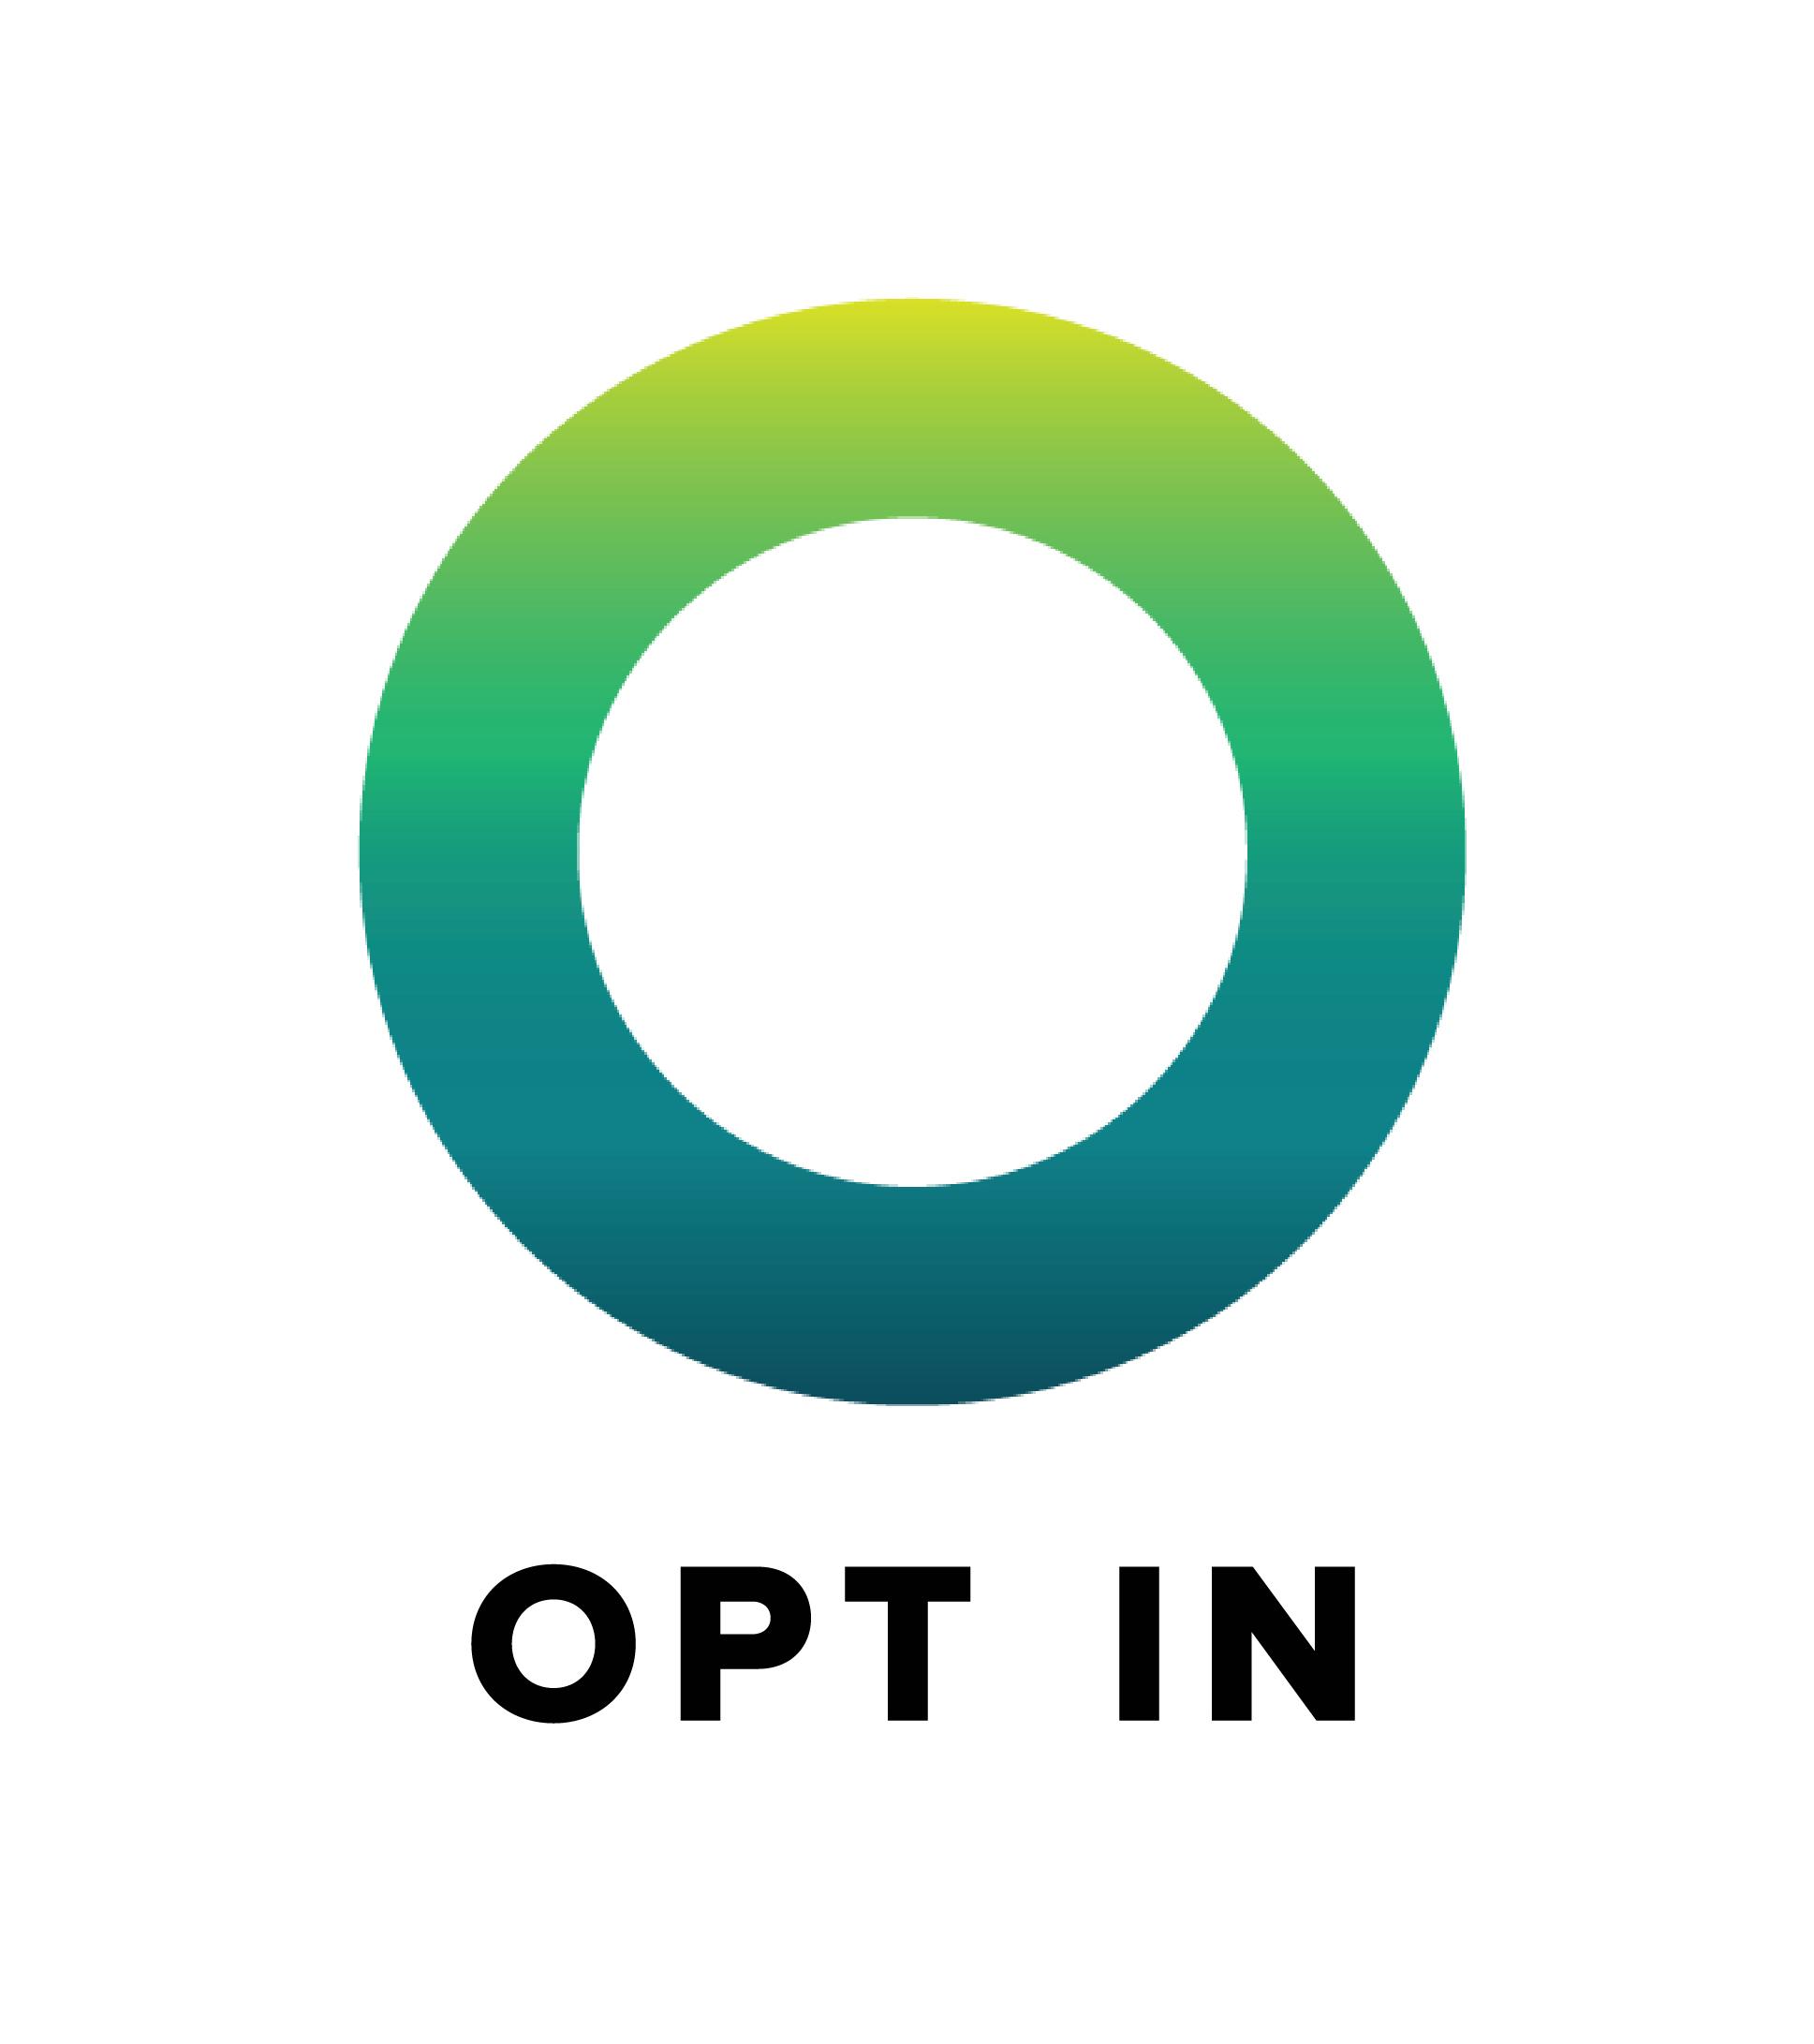 optin_goals.jpg